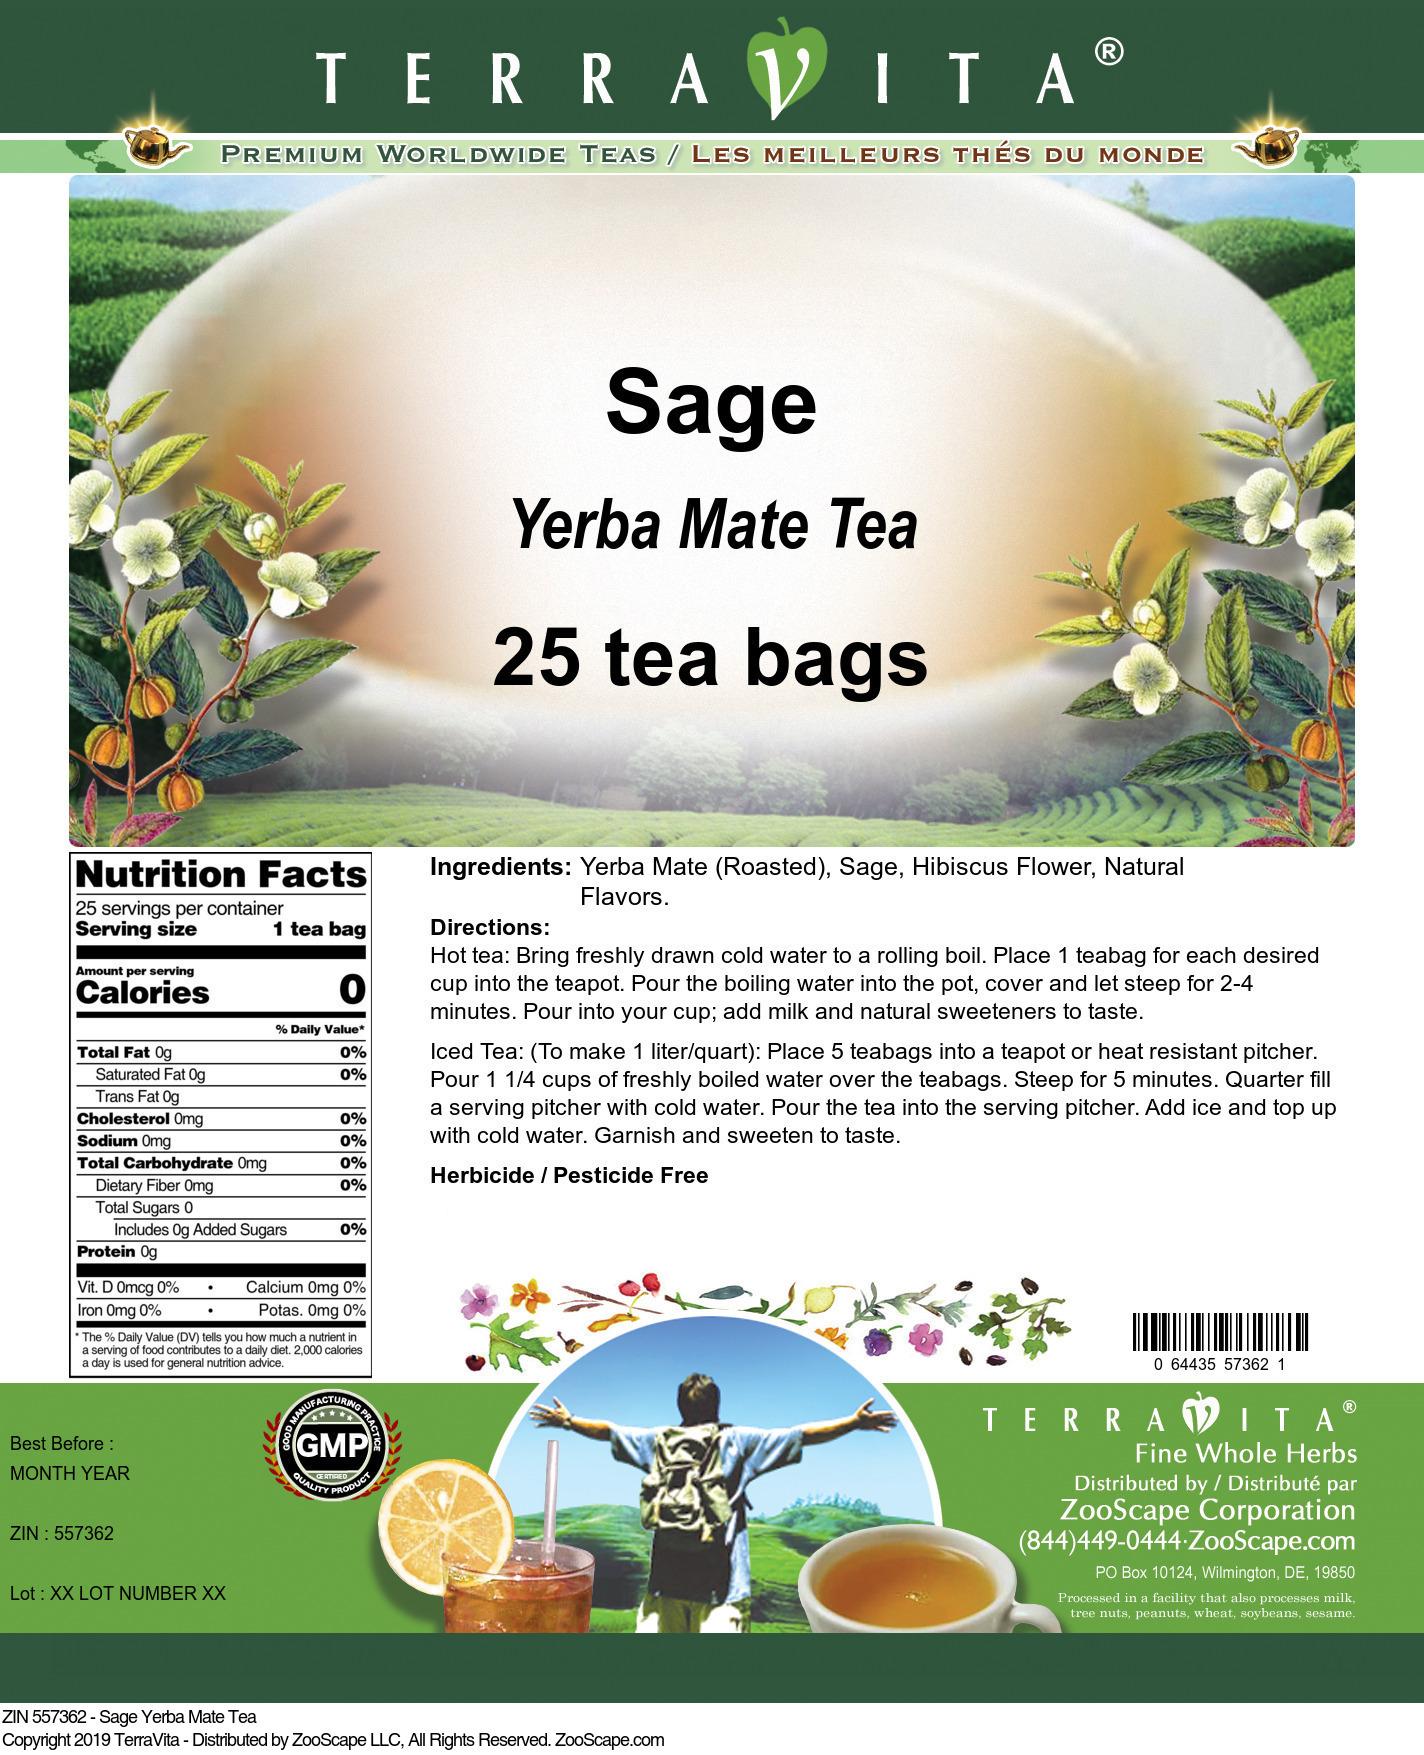 Sage Yerba Mate Tea